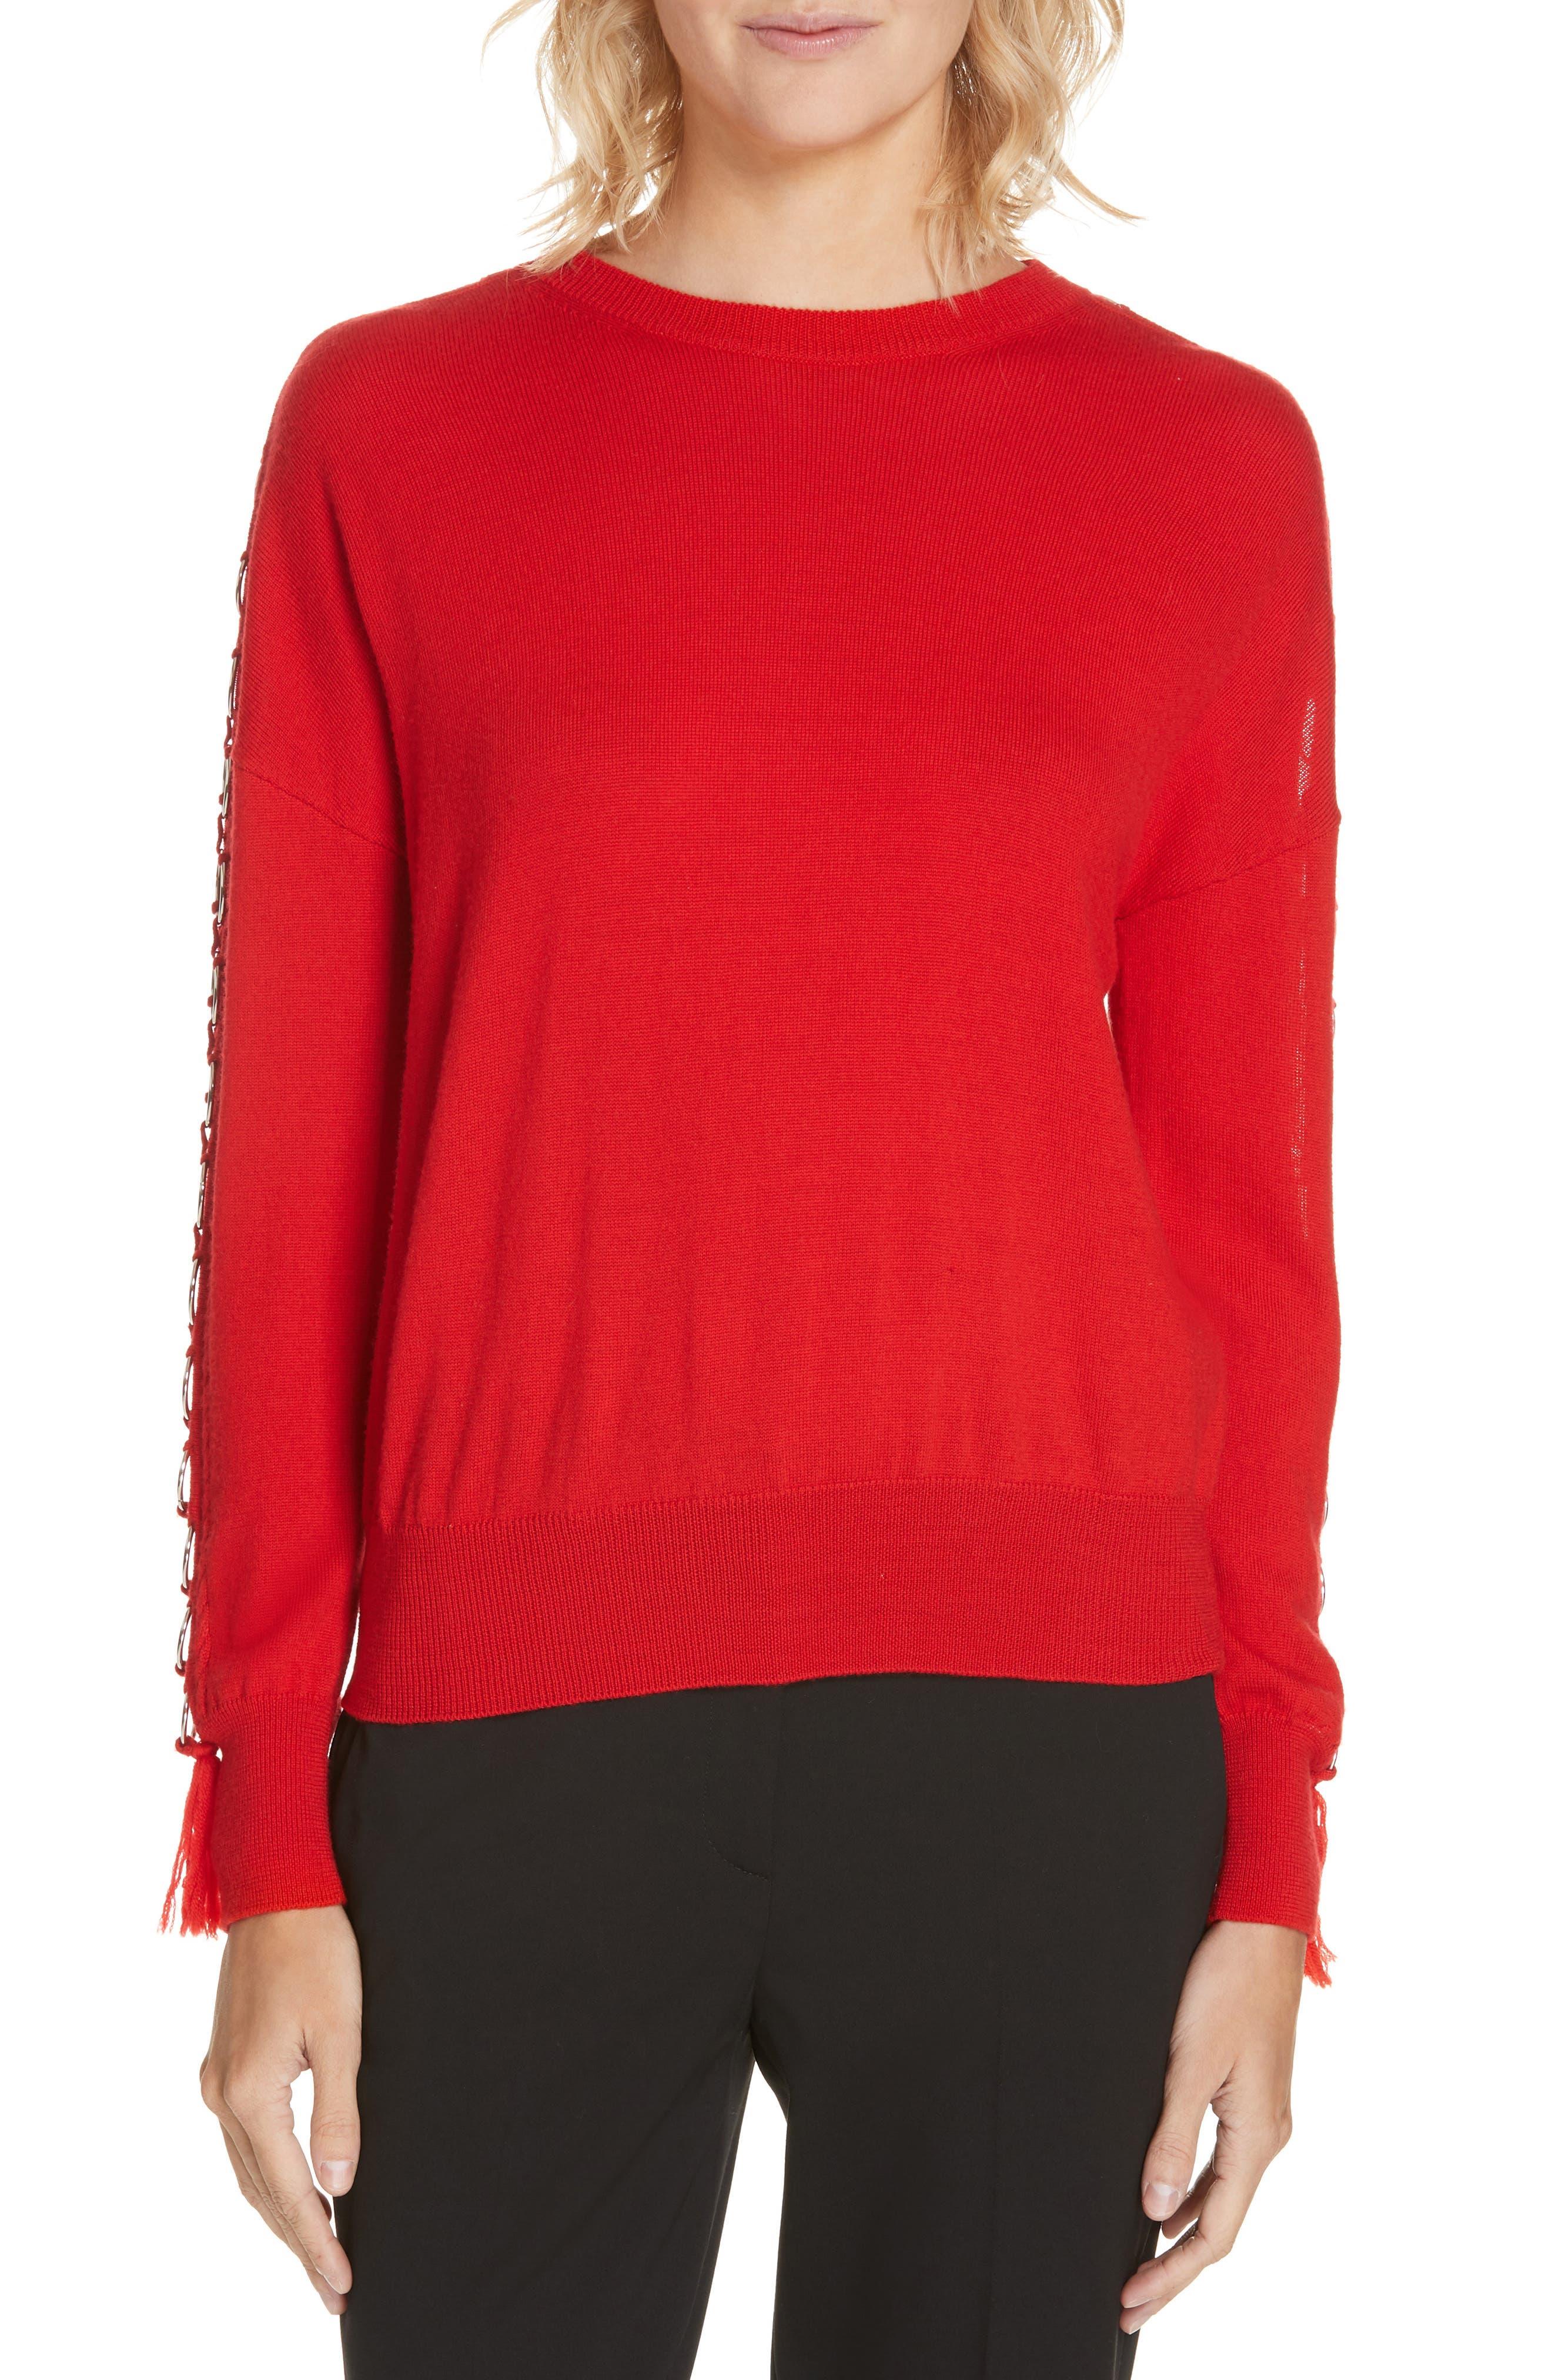 Wool Open-Sleeve O-Ring Tassel Sweater in Fire Red